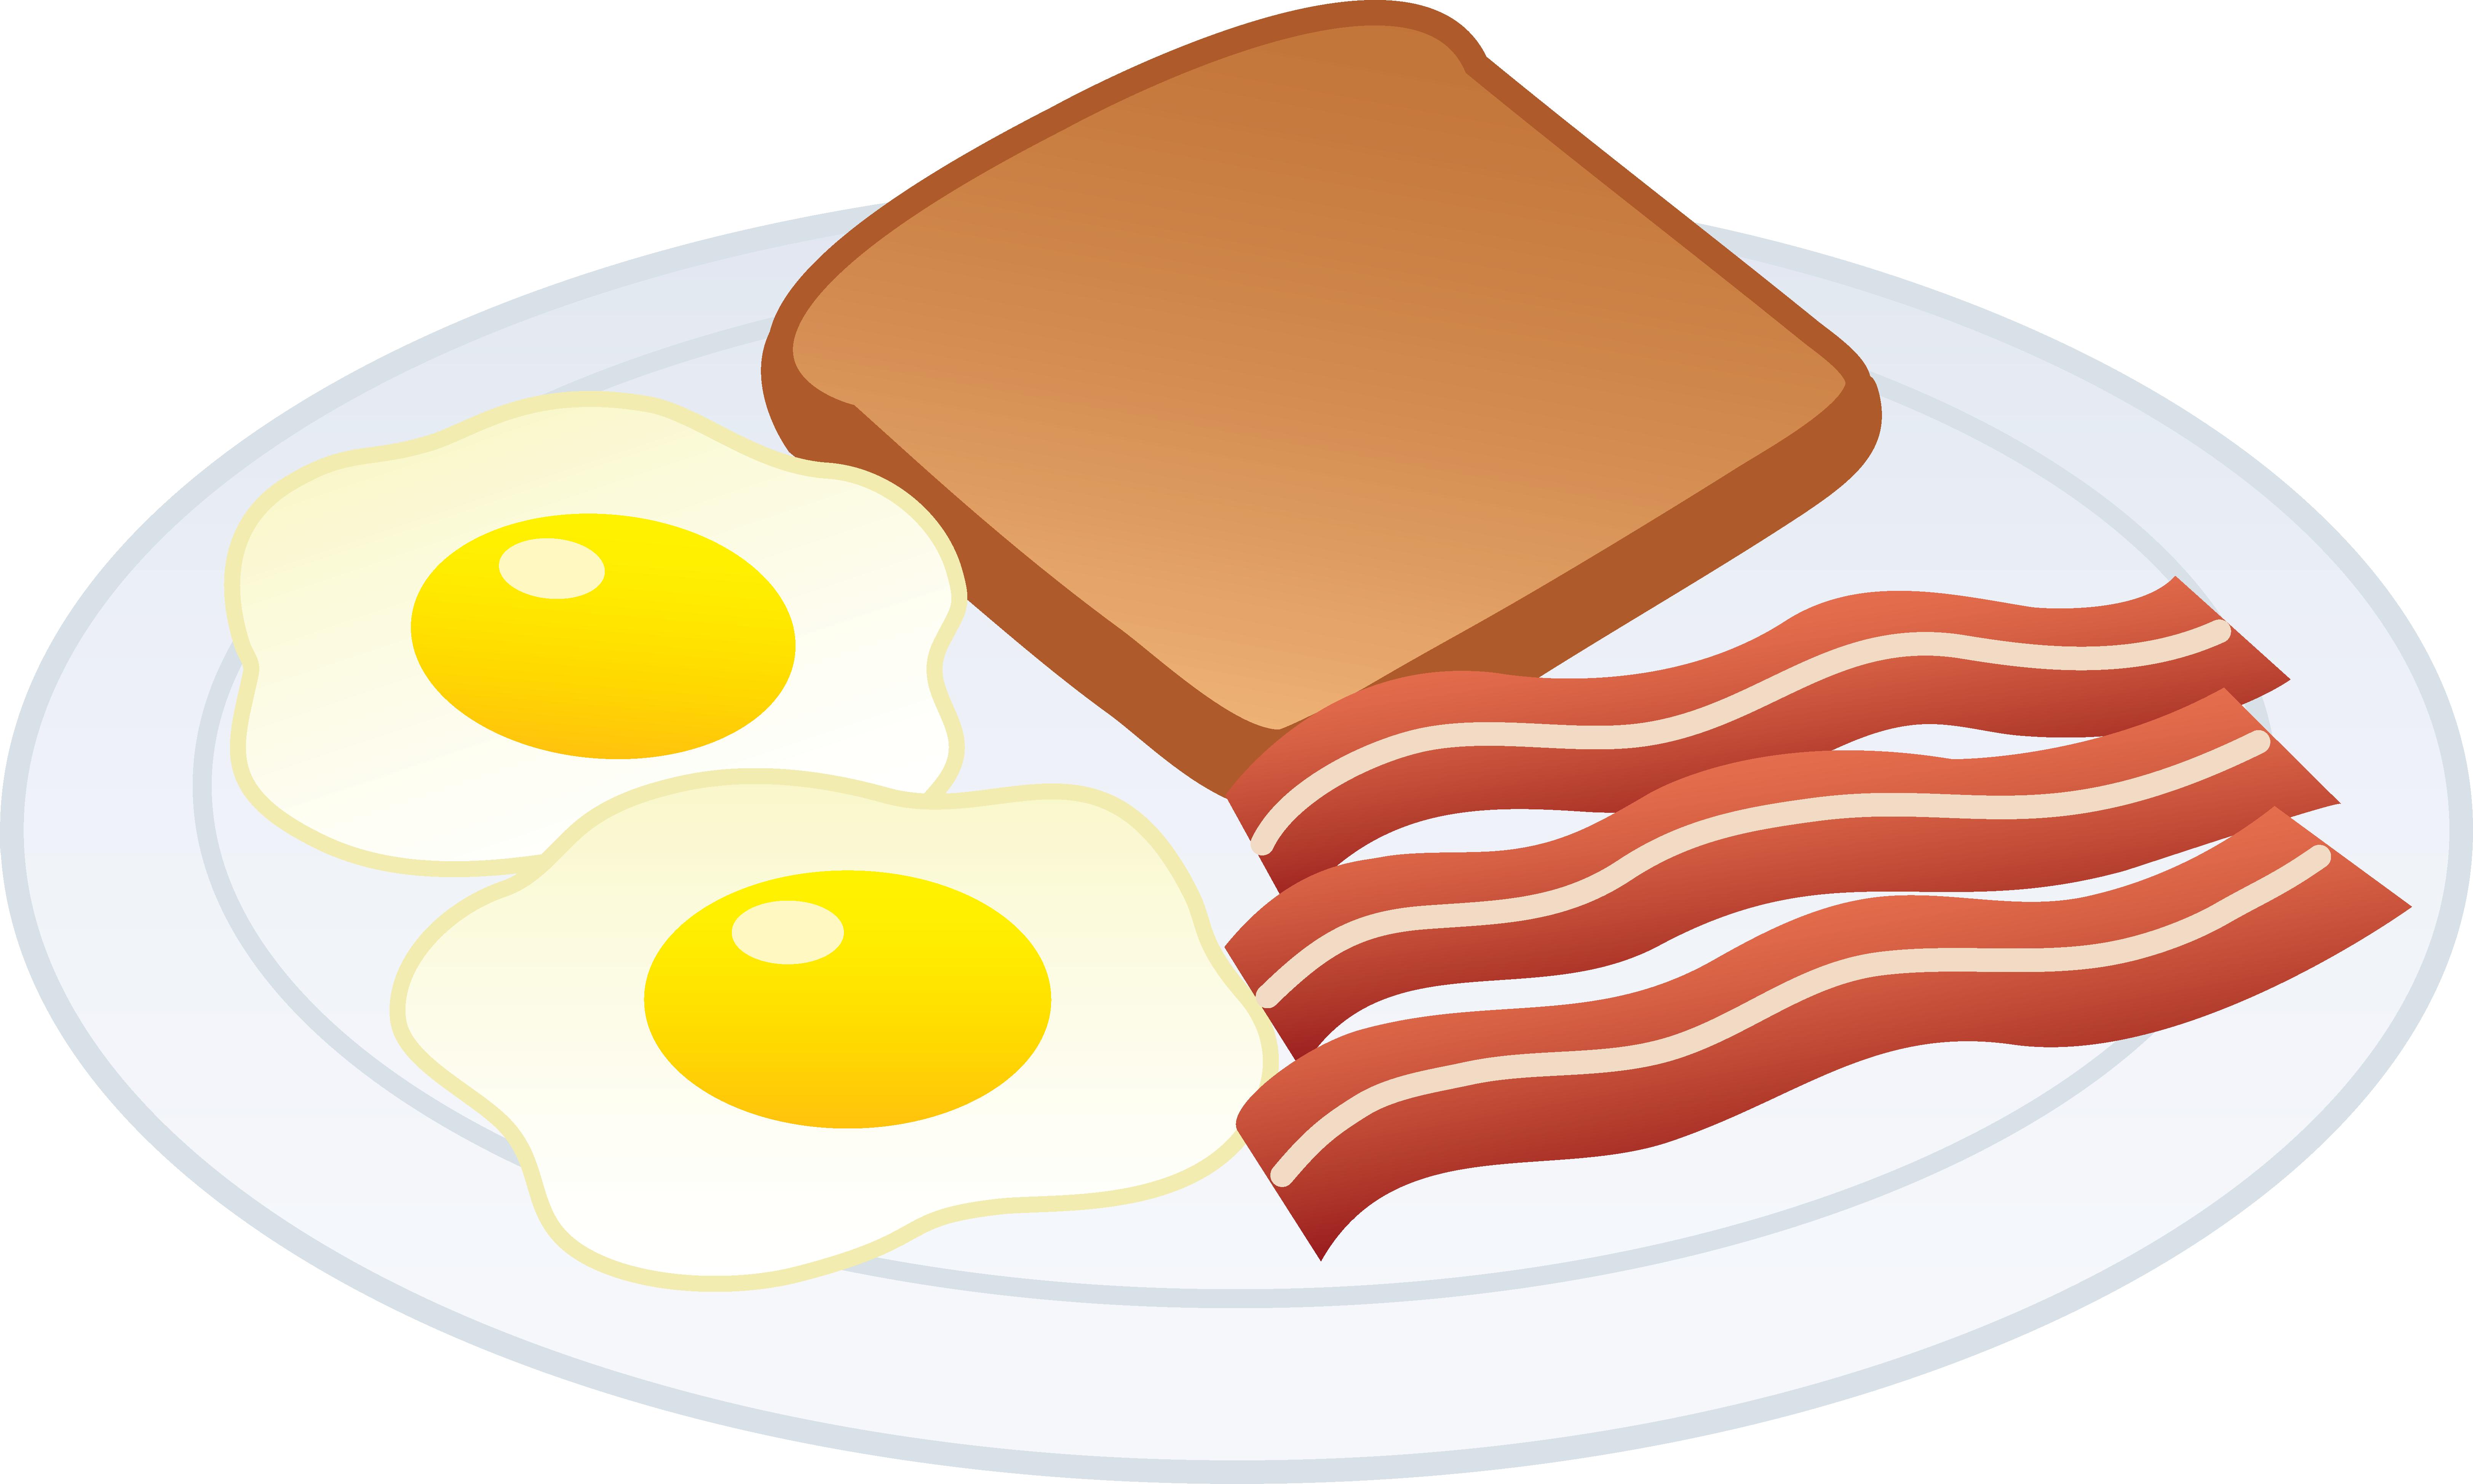 6494x3898 Breakfast Clipart Food Free